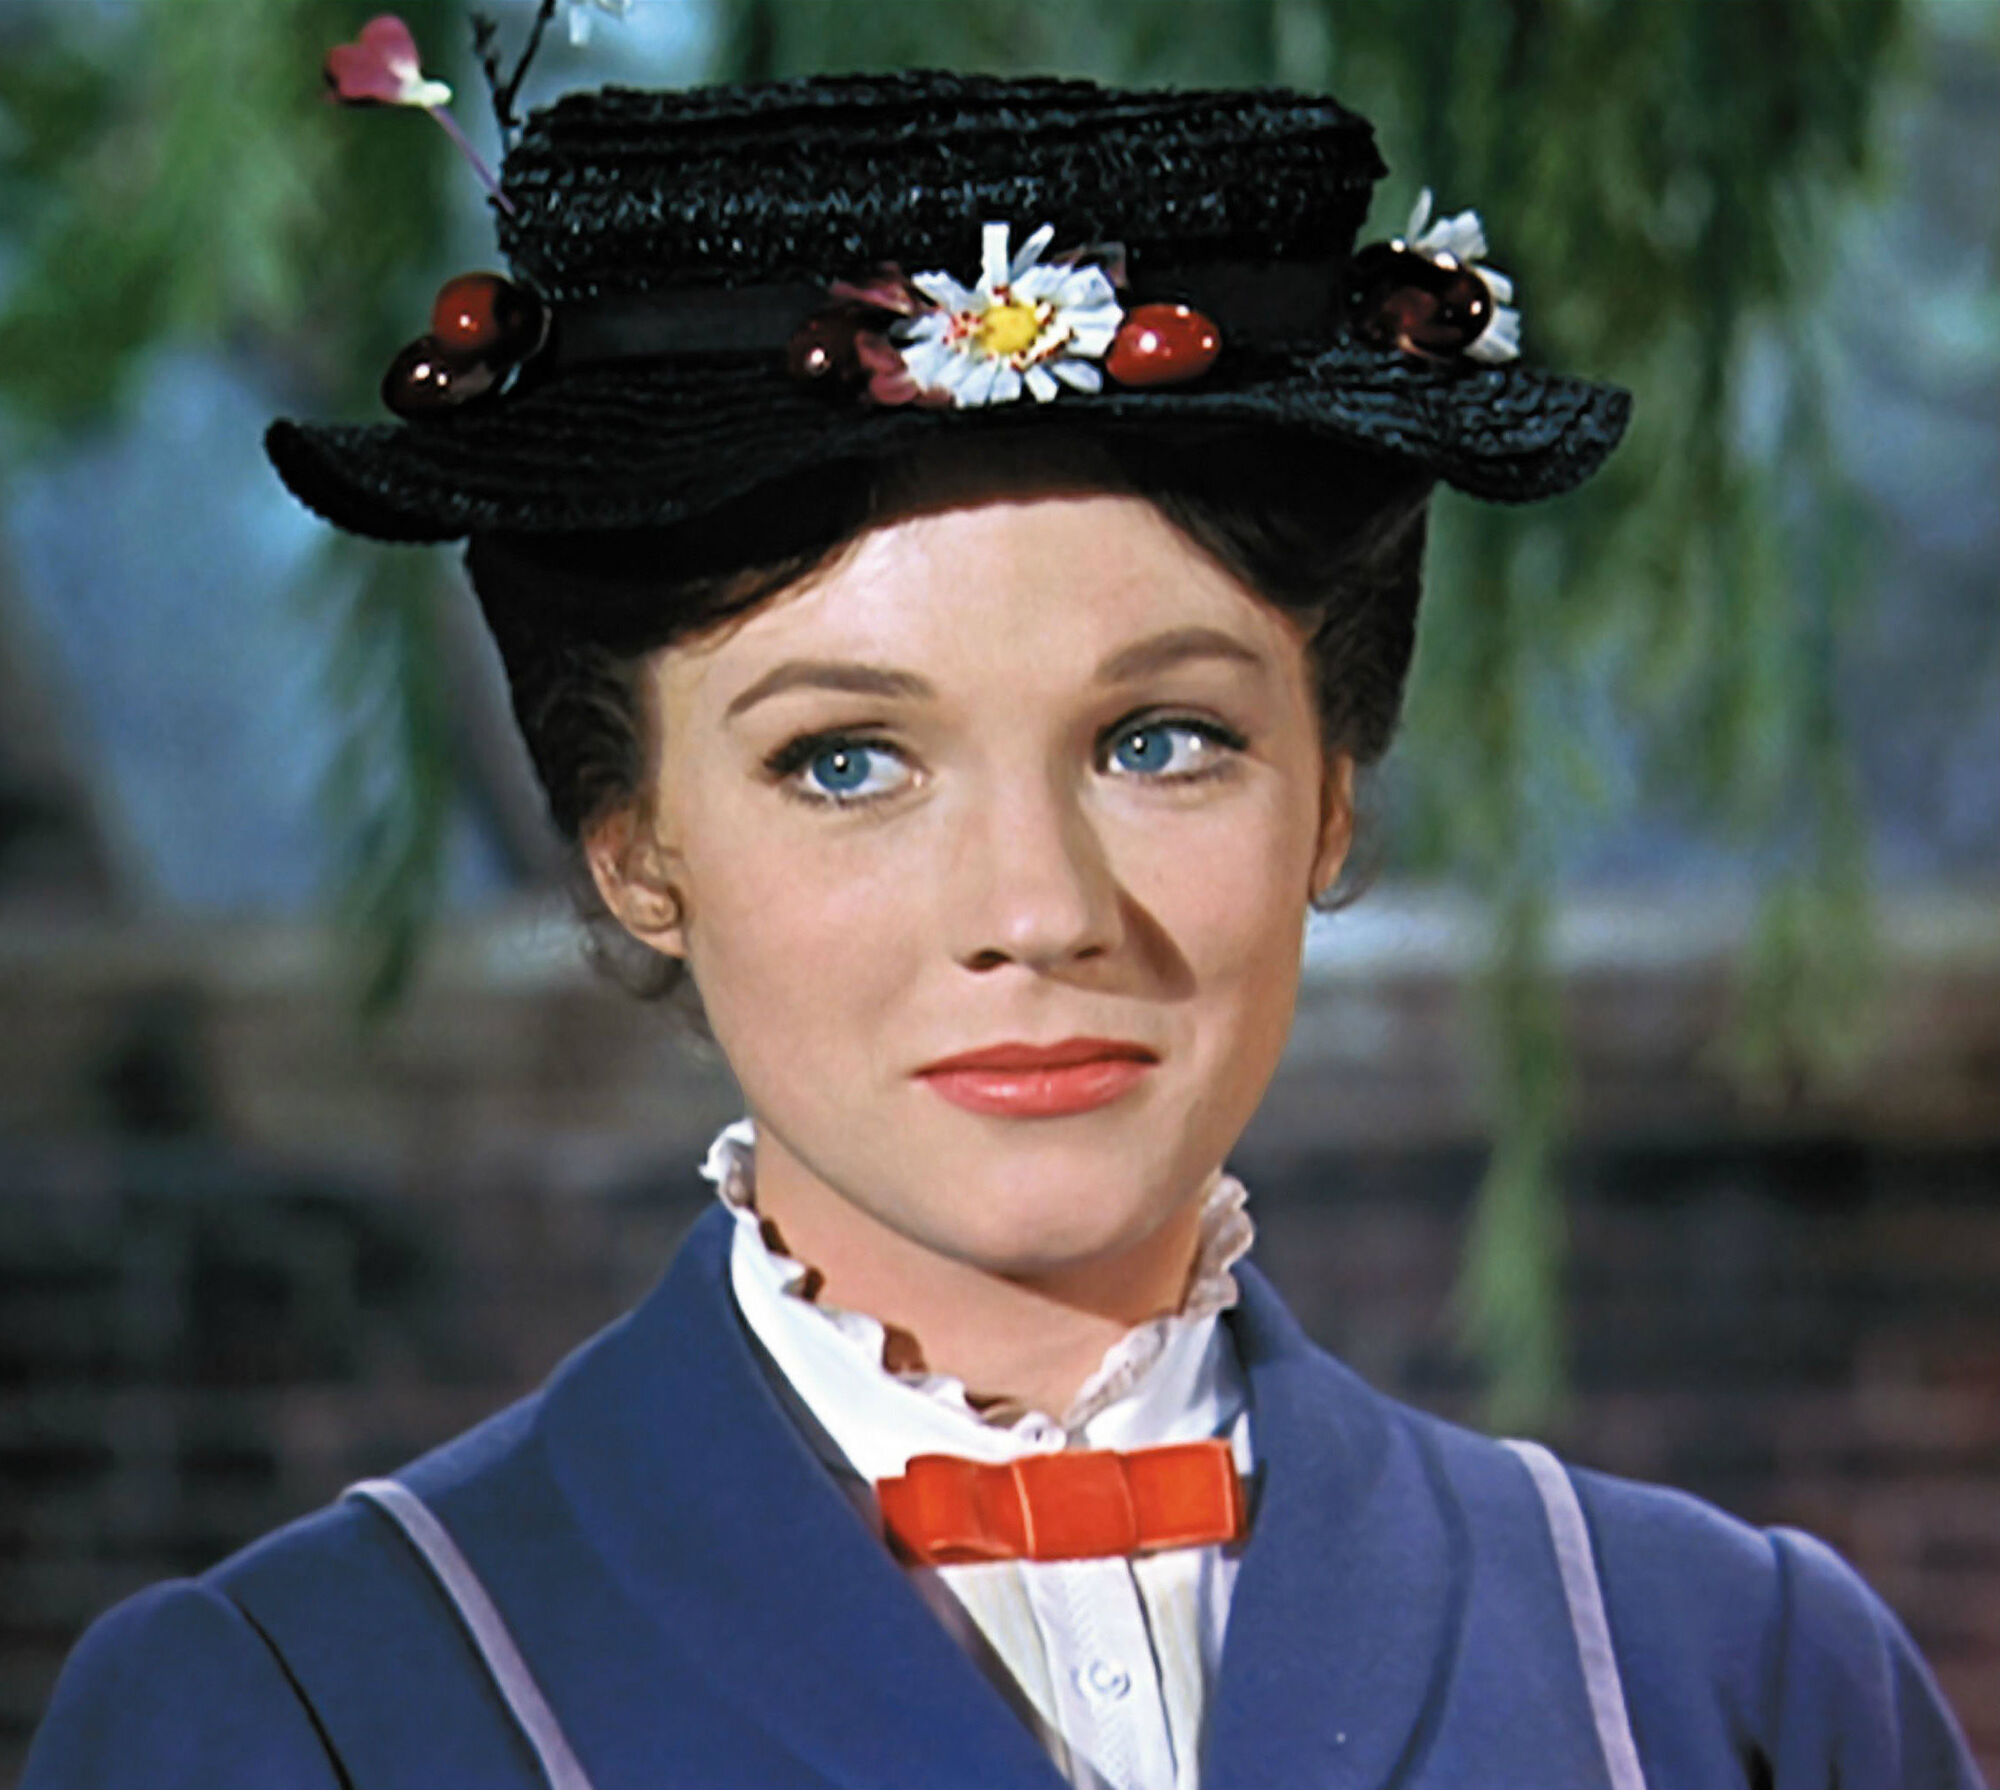 Mary Poppins Movie4k